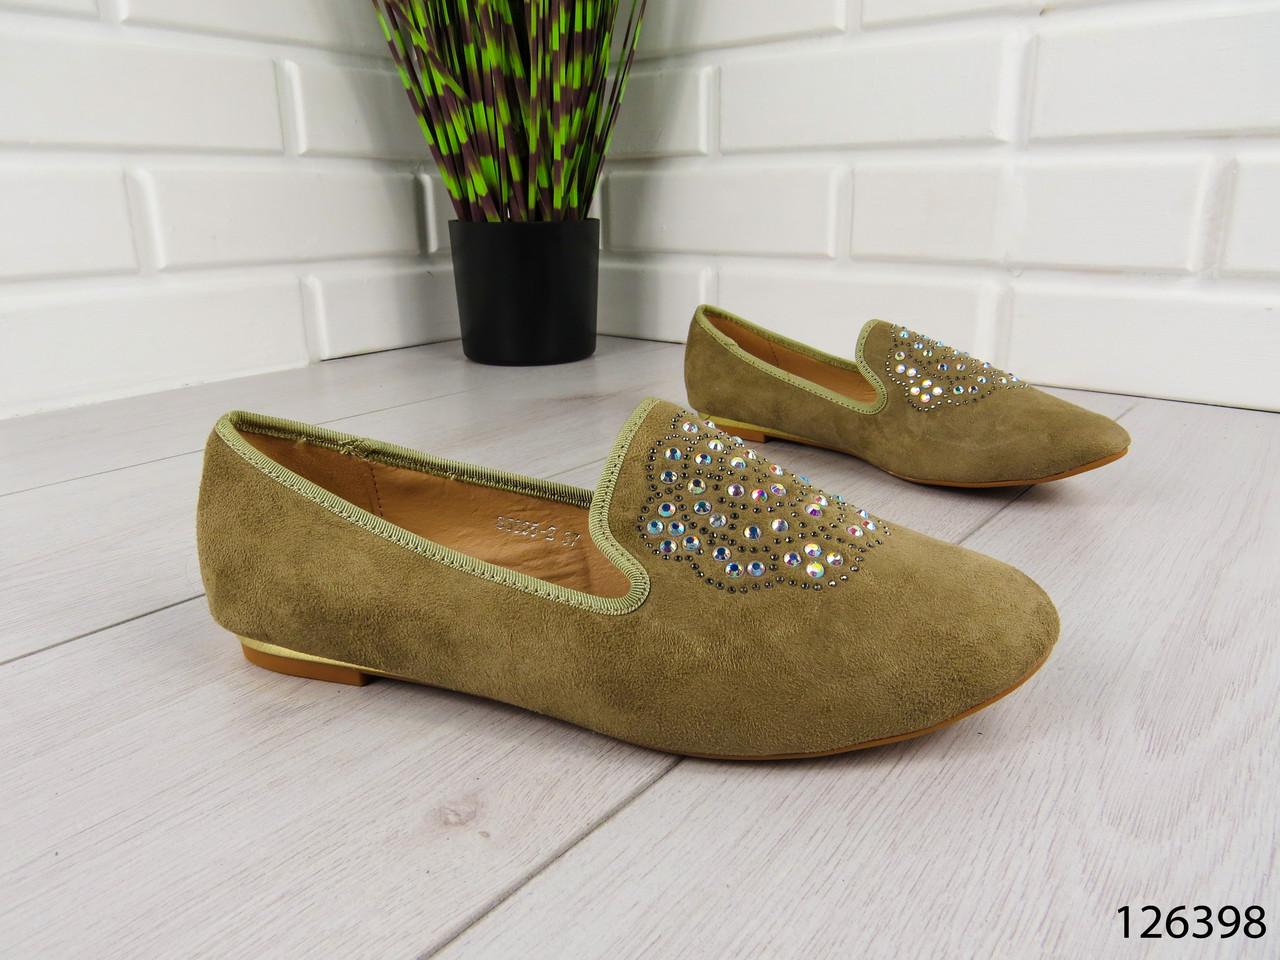 """Балетки, мокасины хаки """"Borjo"""" эко замша, легкая, повседневная, удобная женская обувь"""